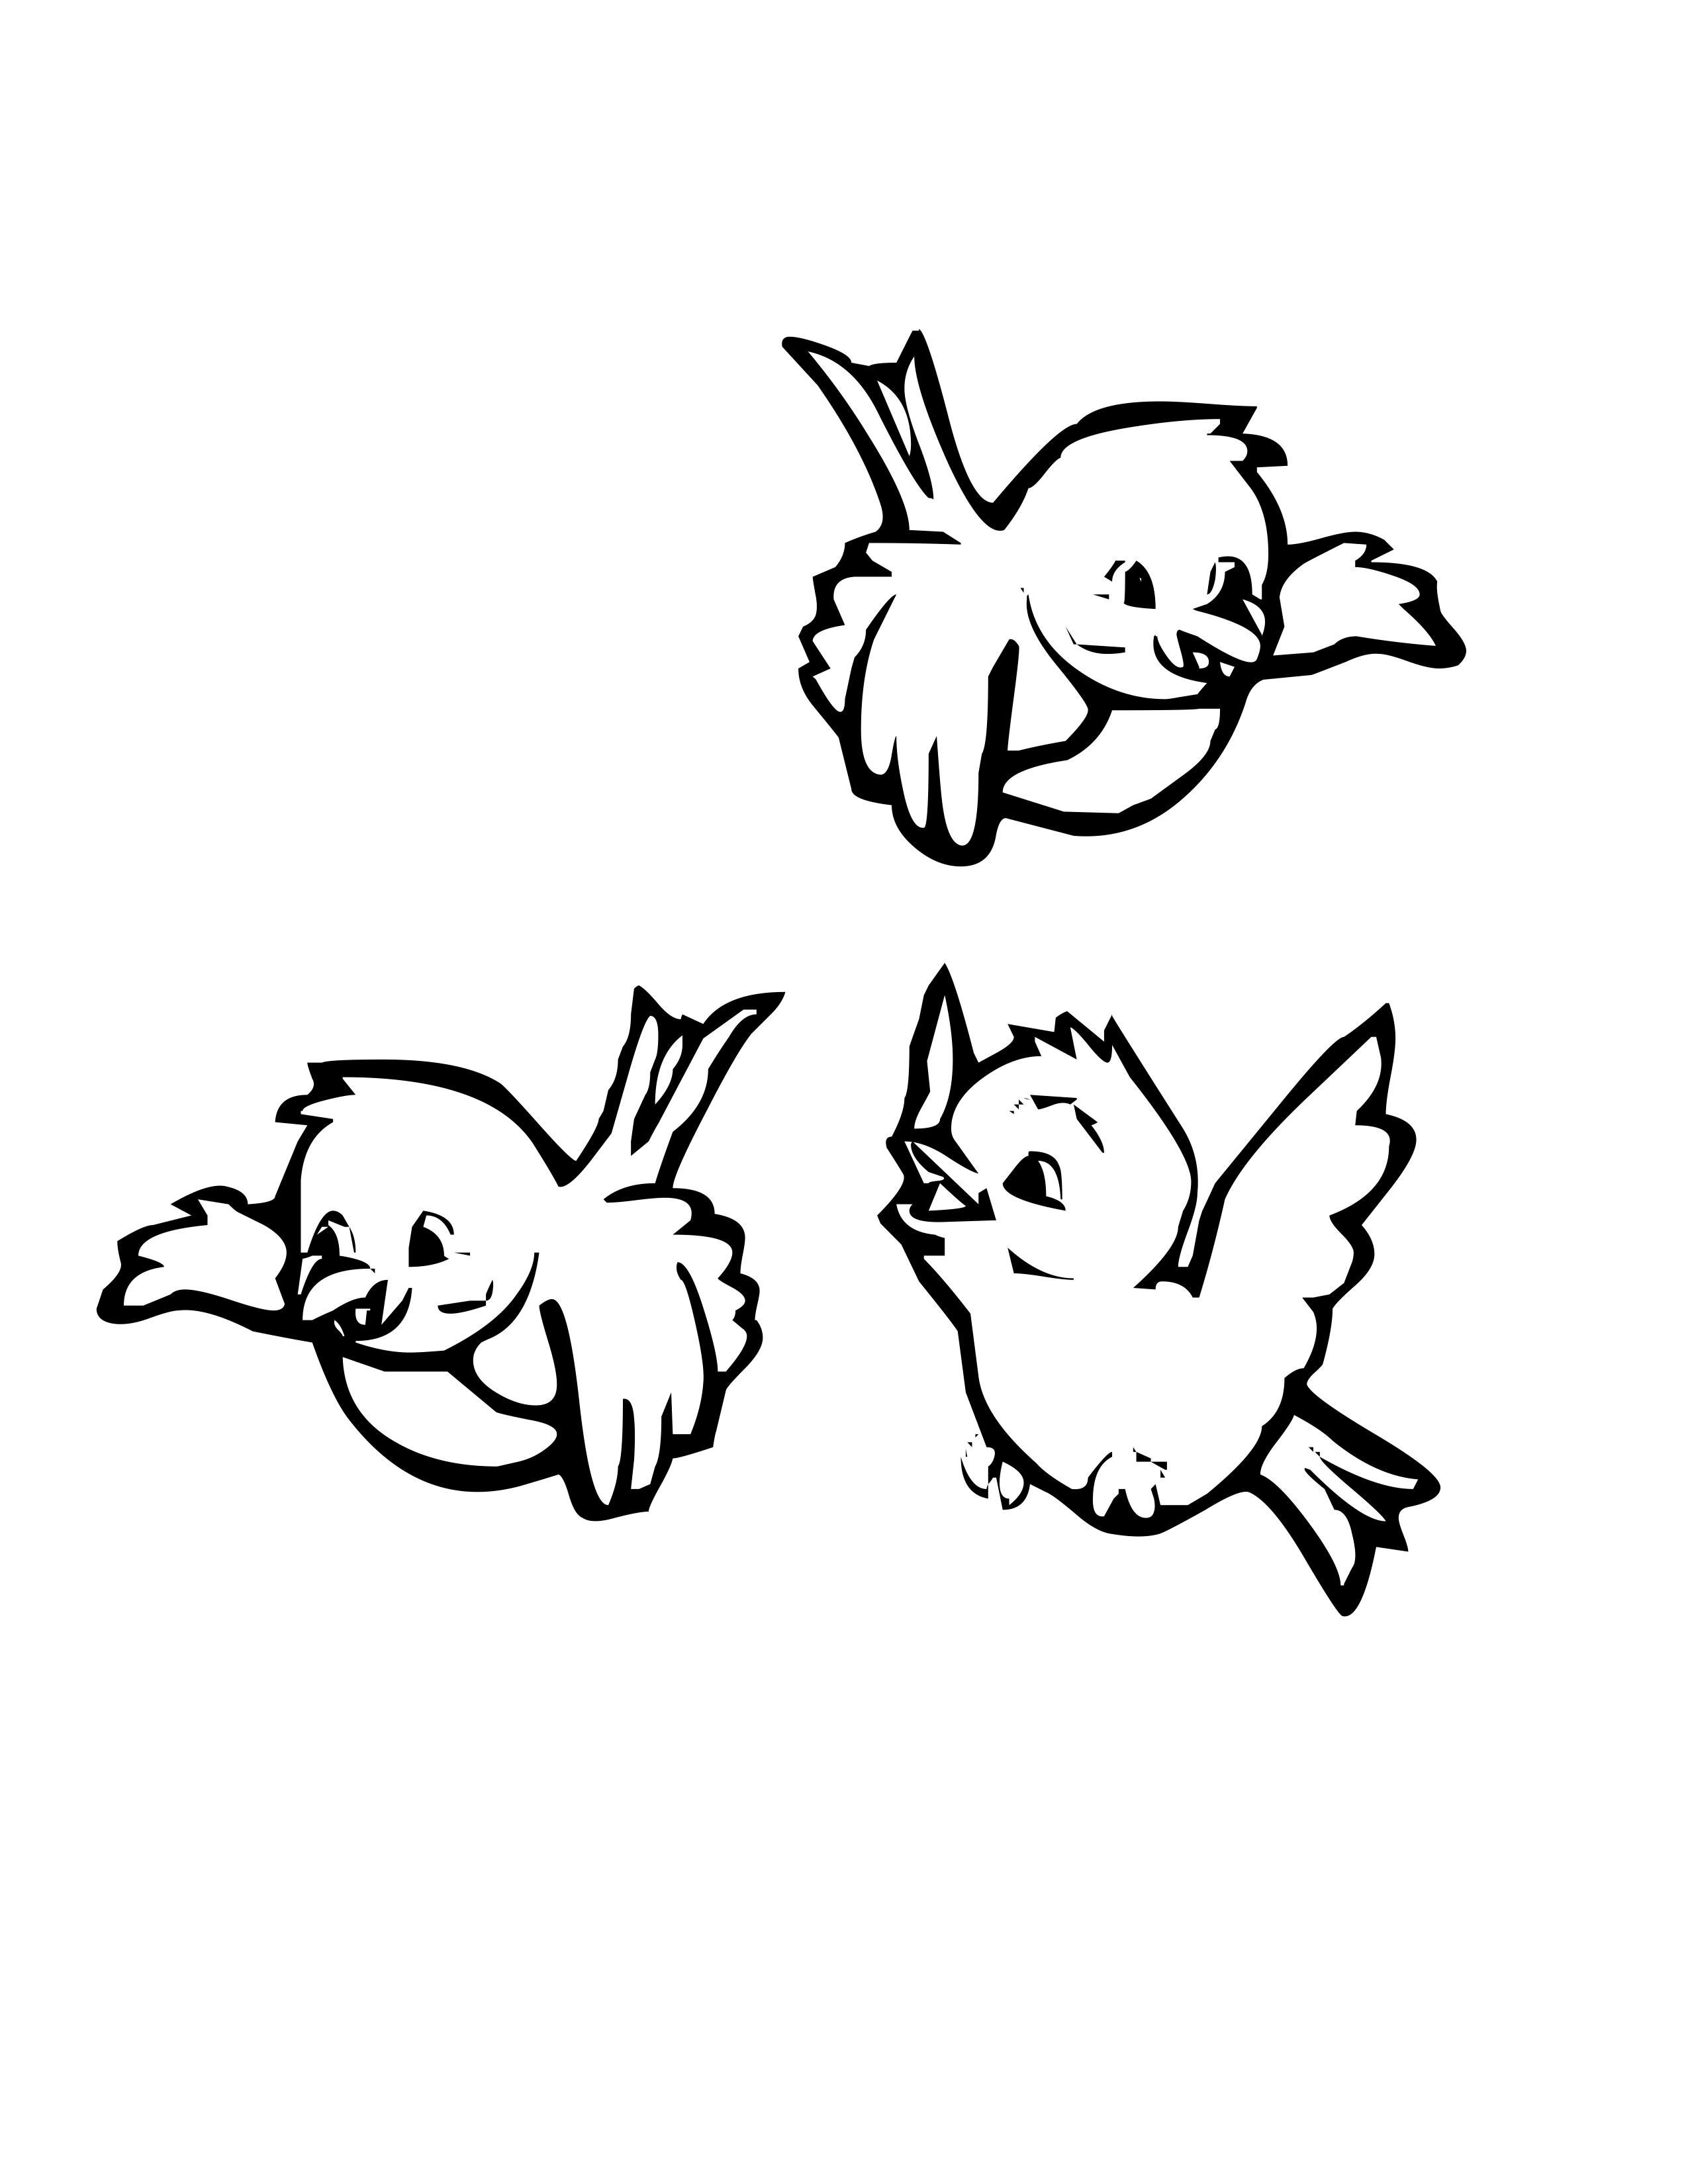 Dessin gratuit de oiseau à imprimer